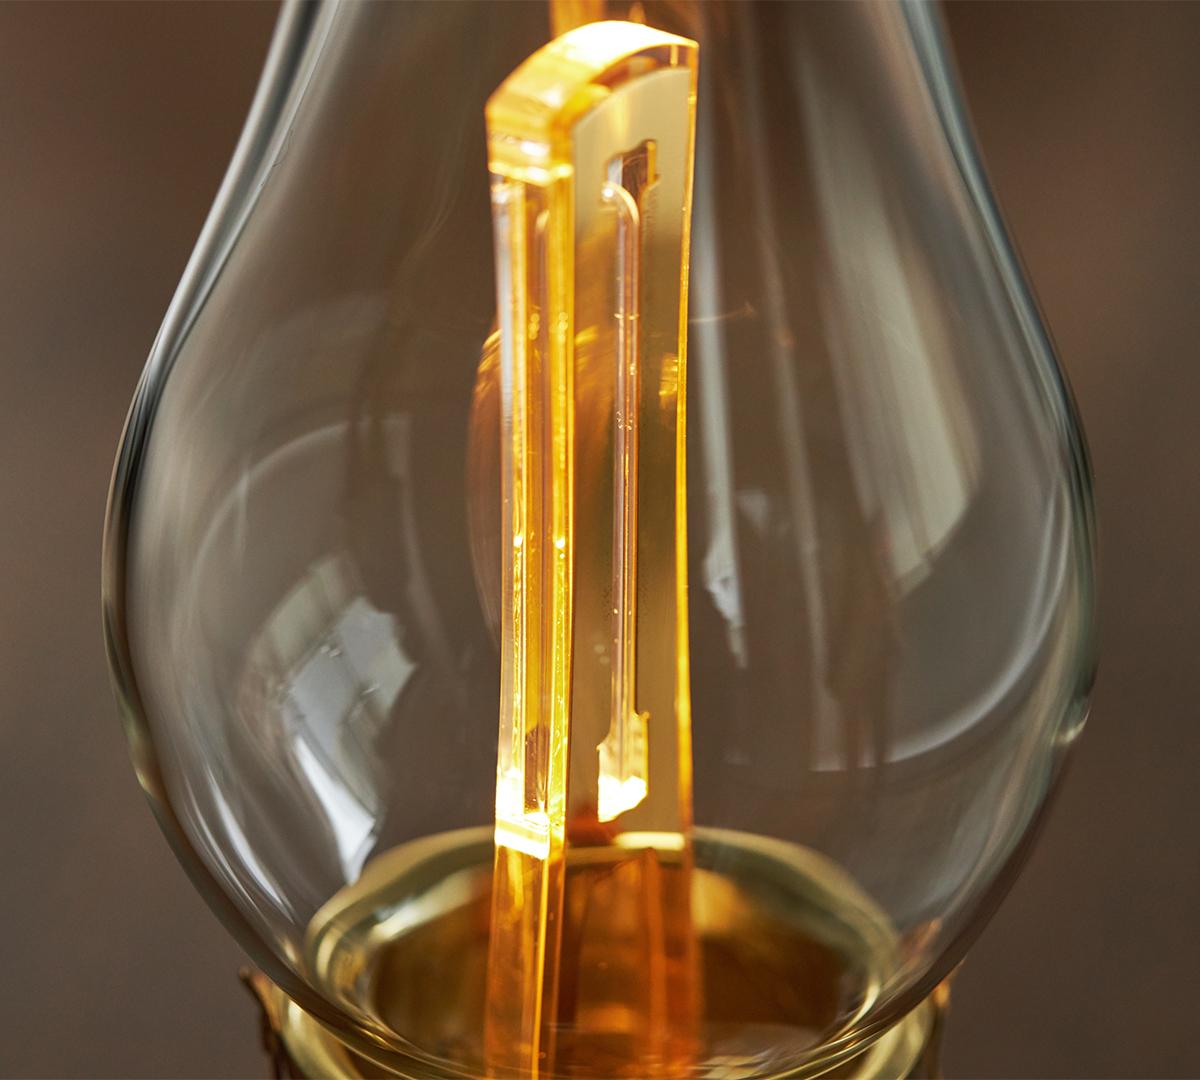 安全な濃度のオゾンガスを生成。部屋を丸ごと消臭・除菌してくれる。日本初、特許のUVランプでウイルス・菌を不活化させる「オゾン発生器・間接照明ランプ」|RoomiAir